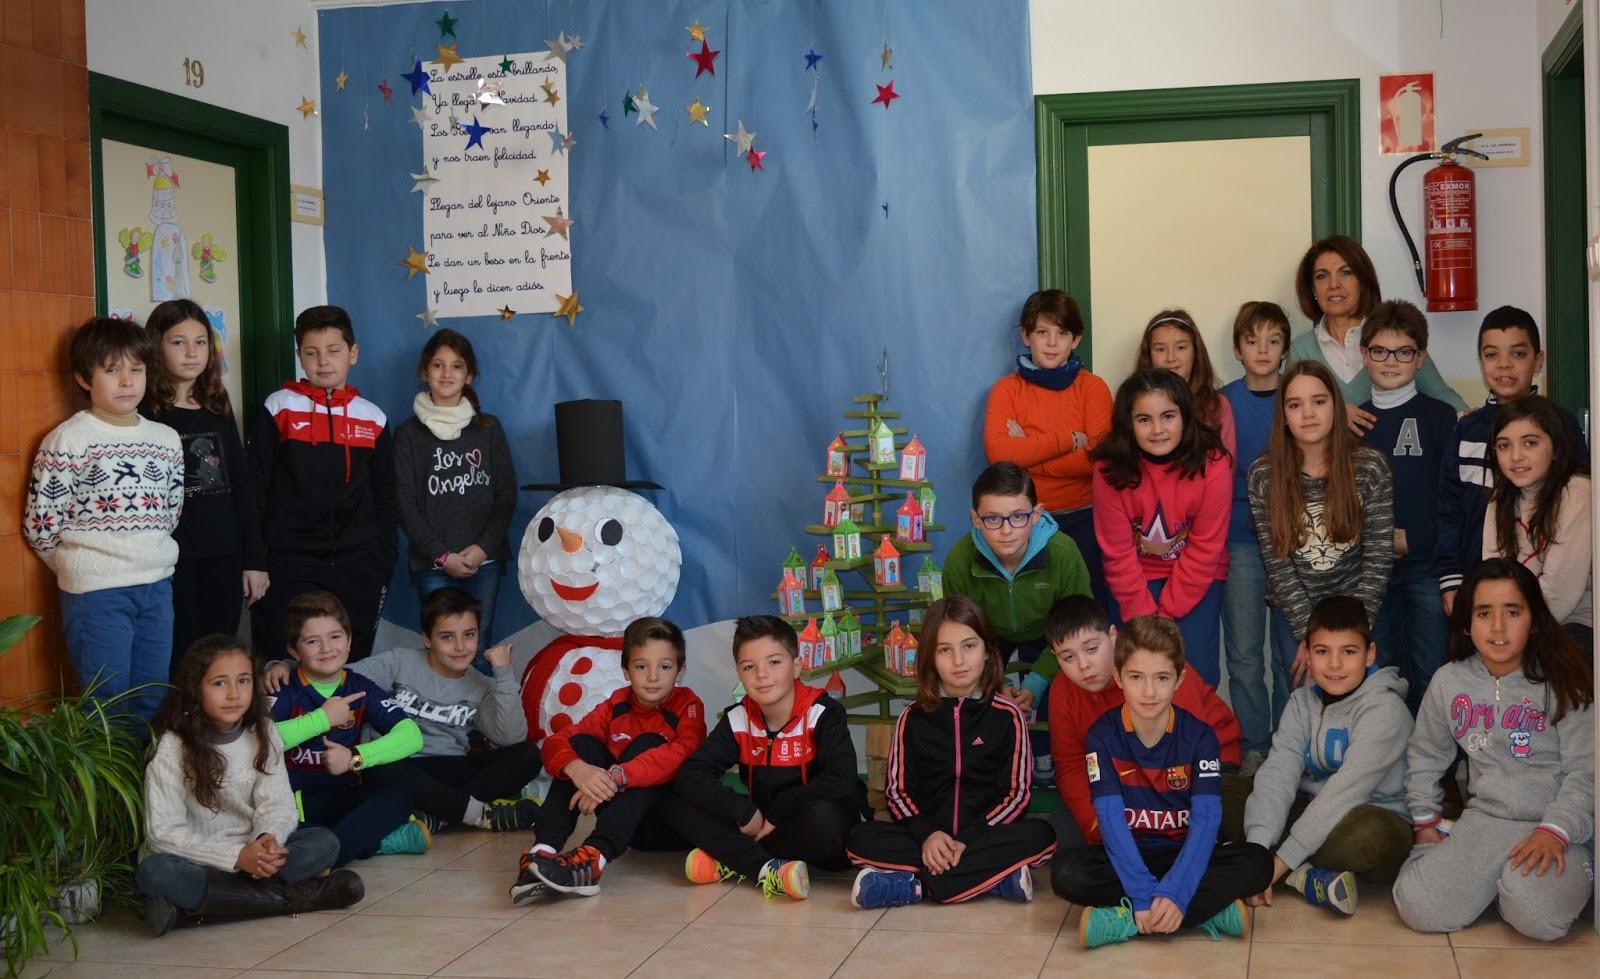 Escuela de puertas abiertas diciembre 2016 - Costumbres navidenas en alemania ...